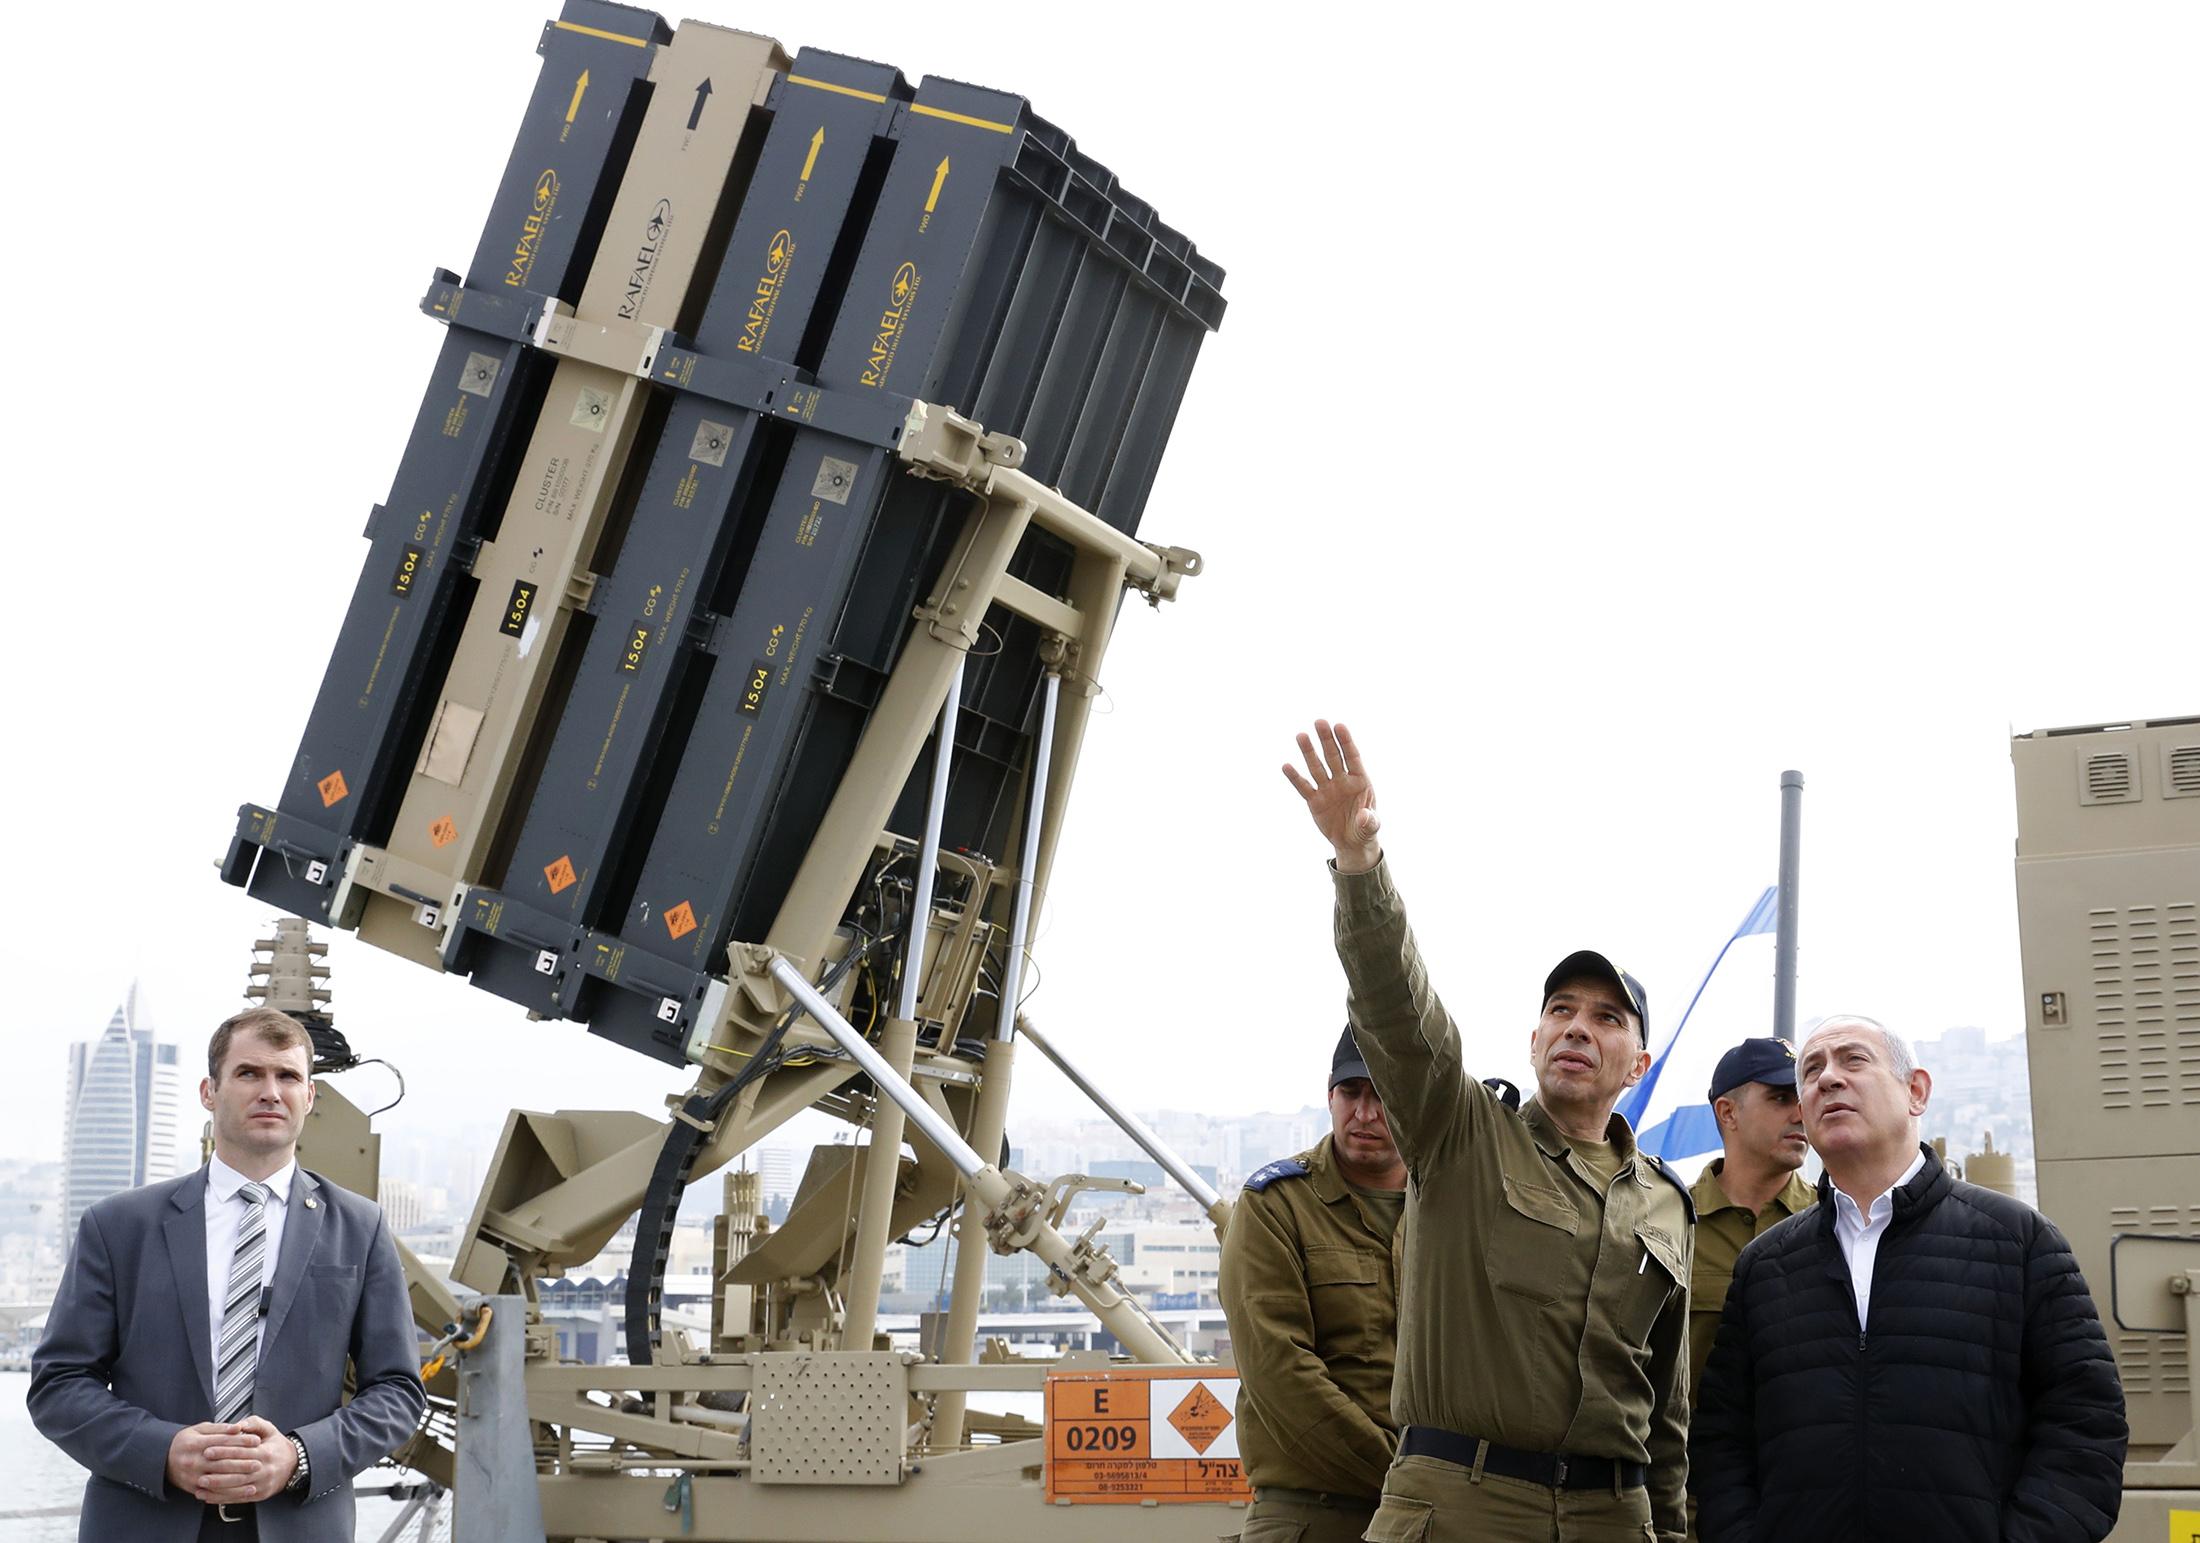 ایران تا آستانه هک سیستمهای دفاع موشکی اسرائیل پیش رفت